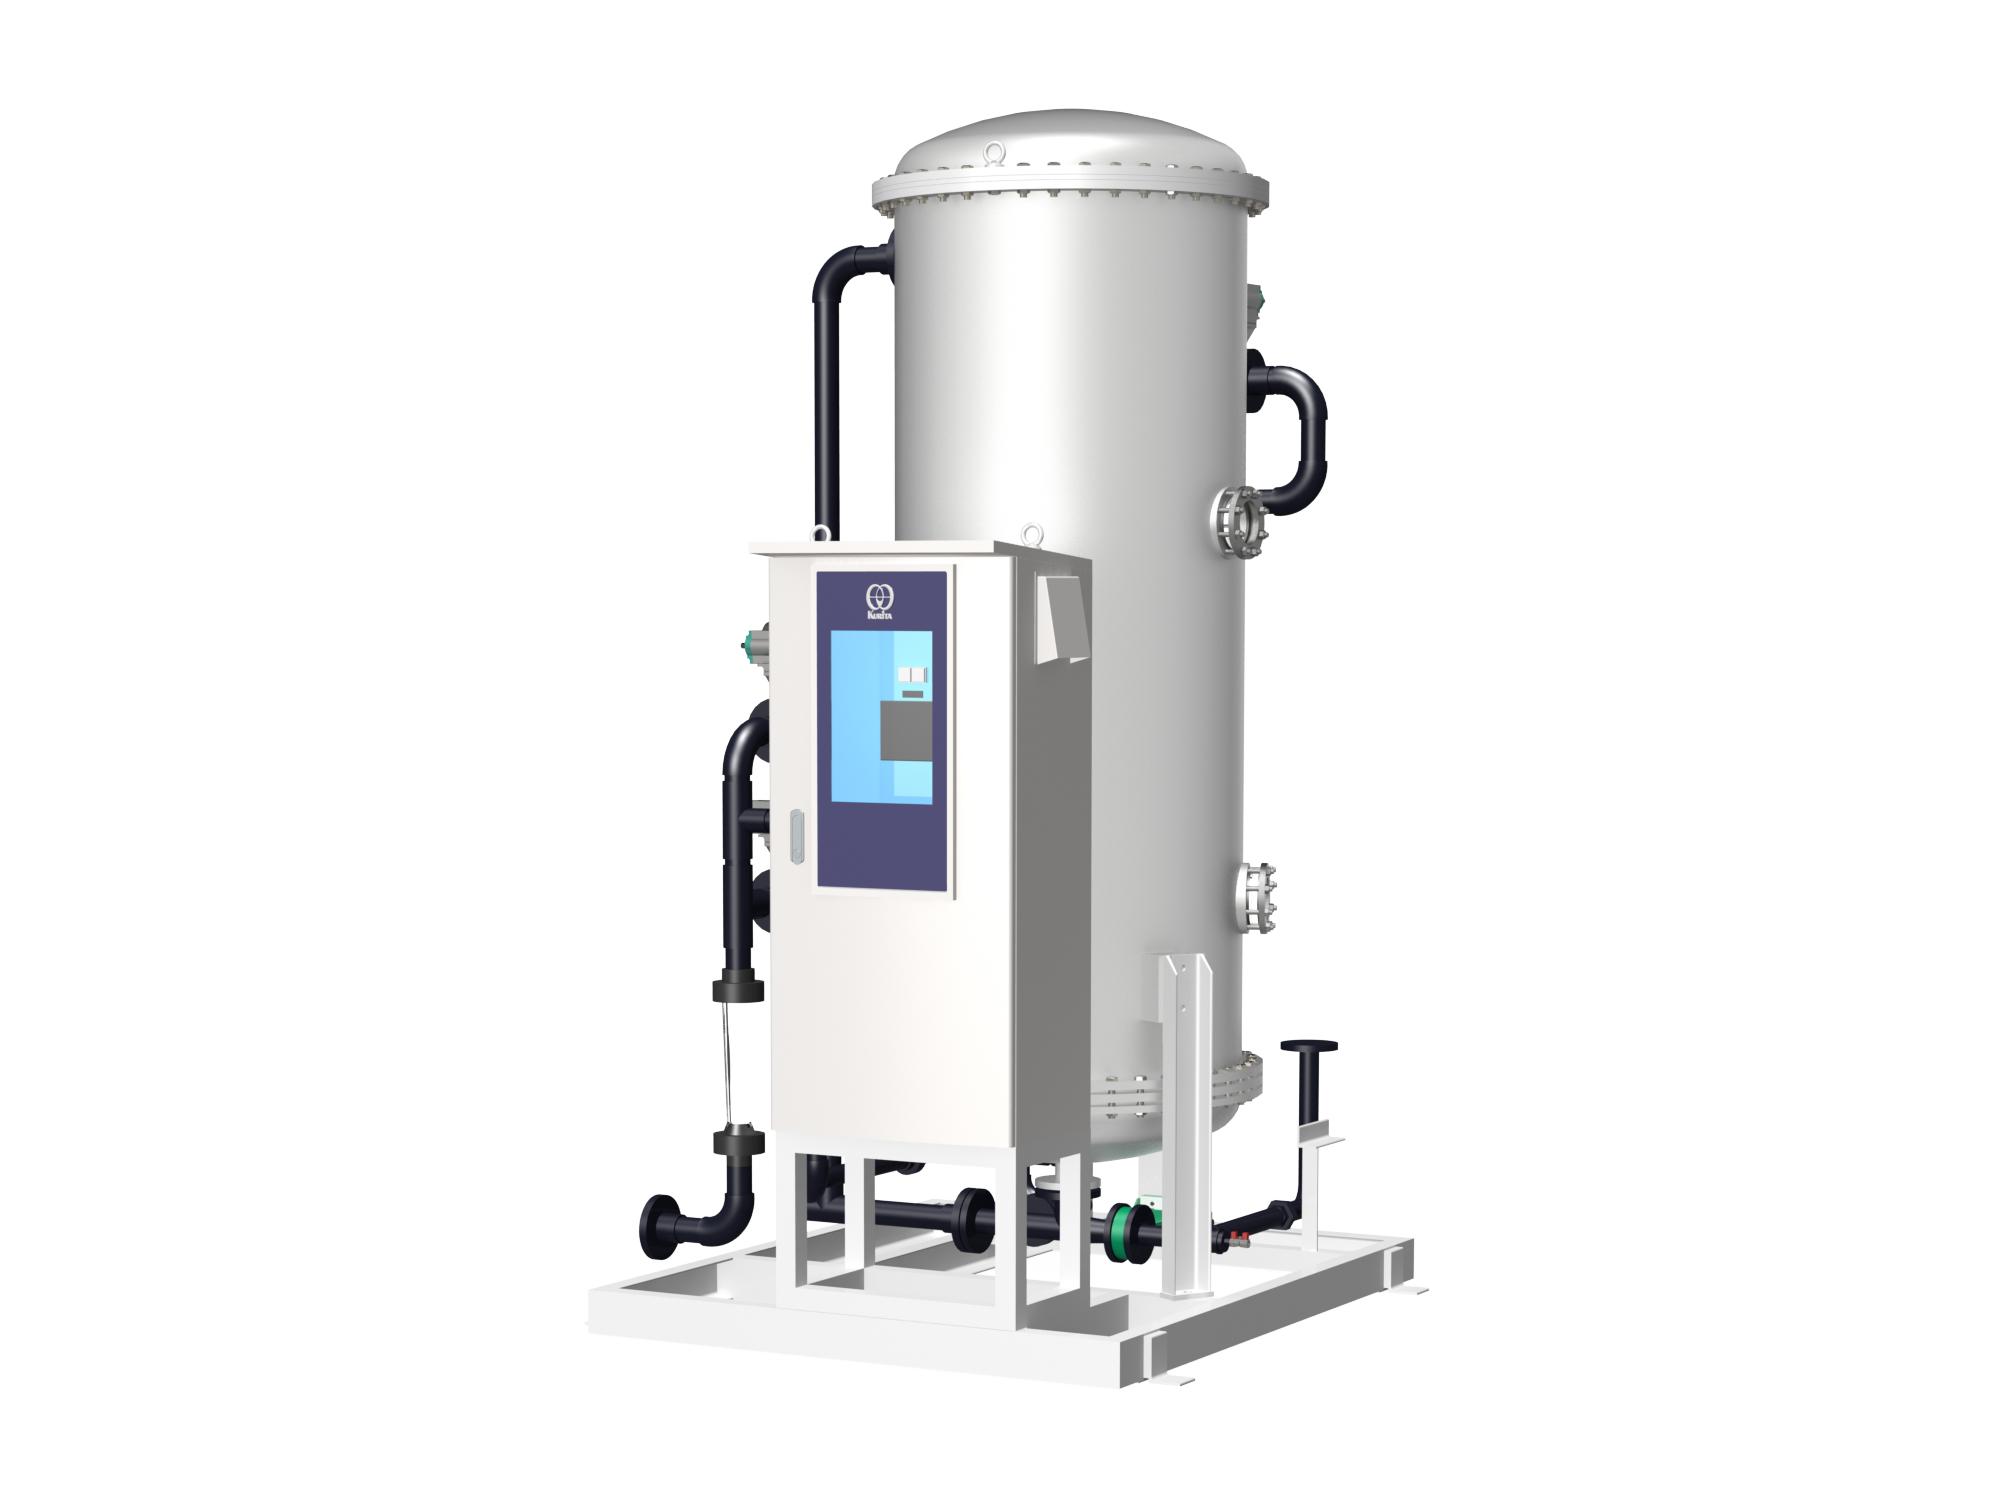 混床式自動純水装置SJ-A-E型の外観イメージ